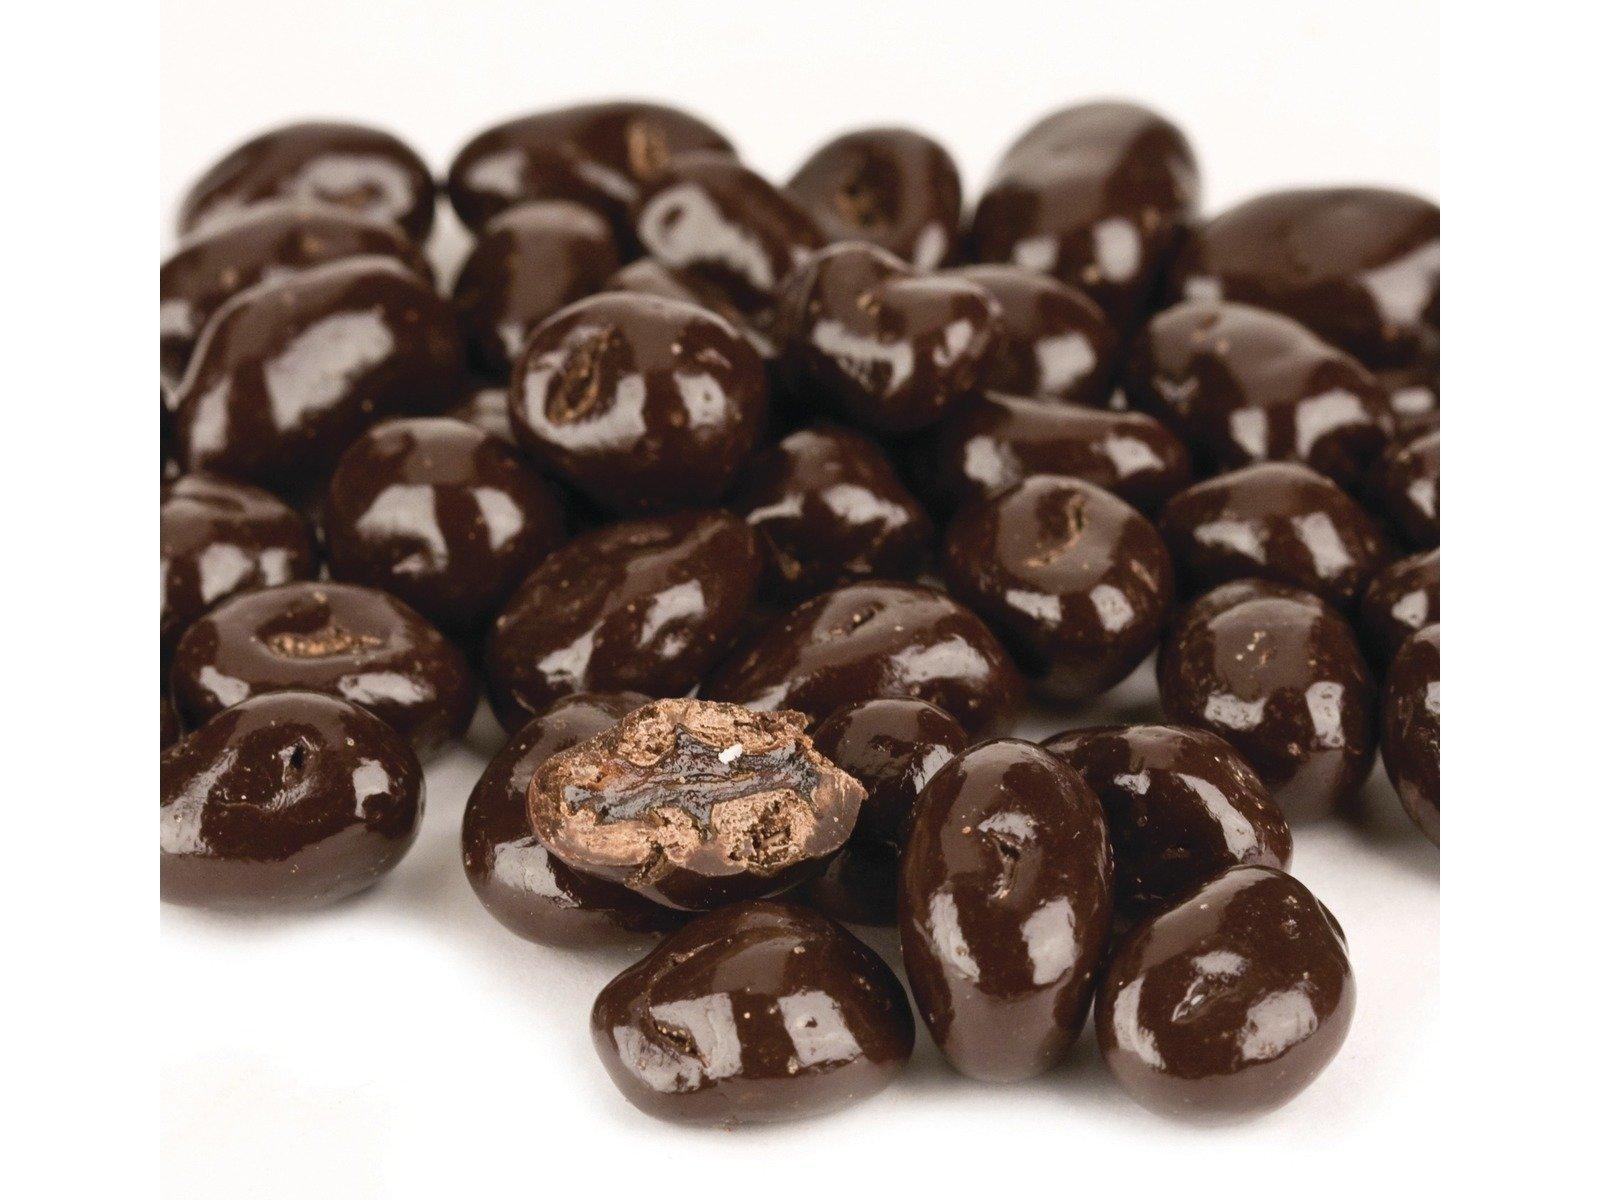 Dark Chocolate Covered Raisins 5 pounds dark chocolate raisins by GRANOLA KITCHEN